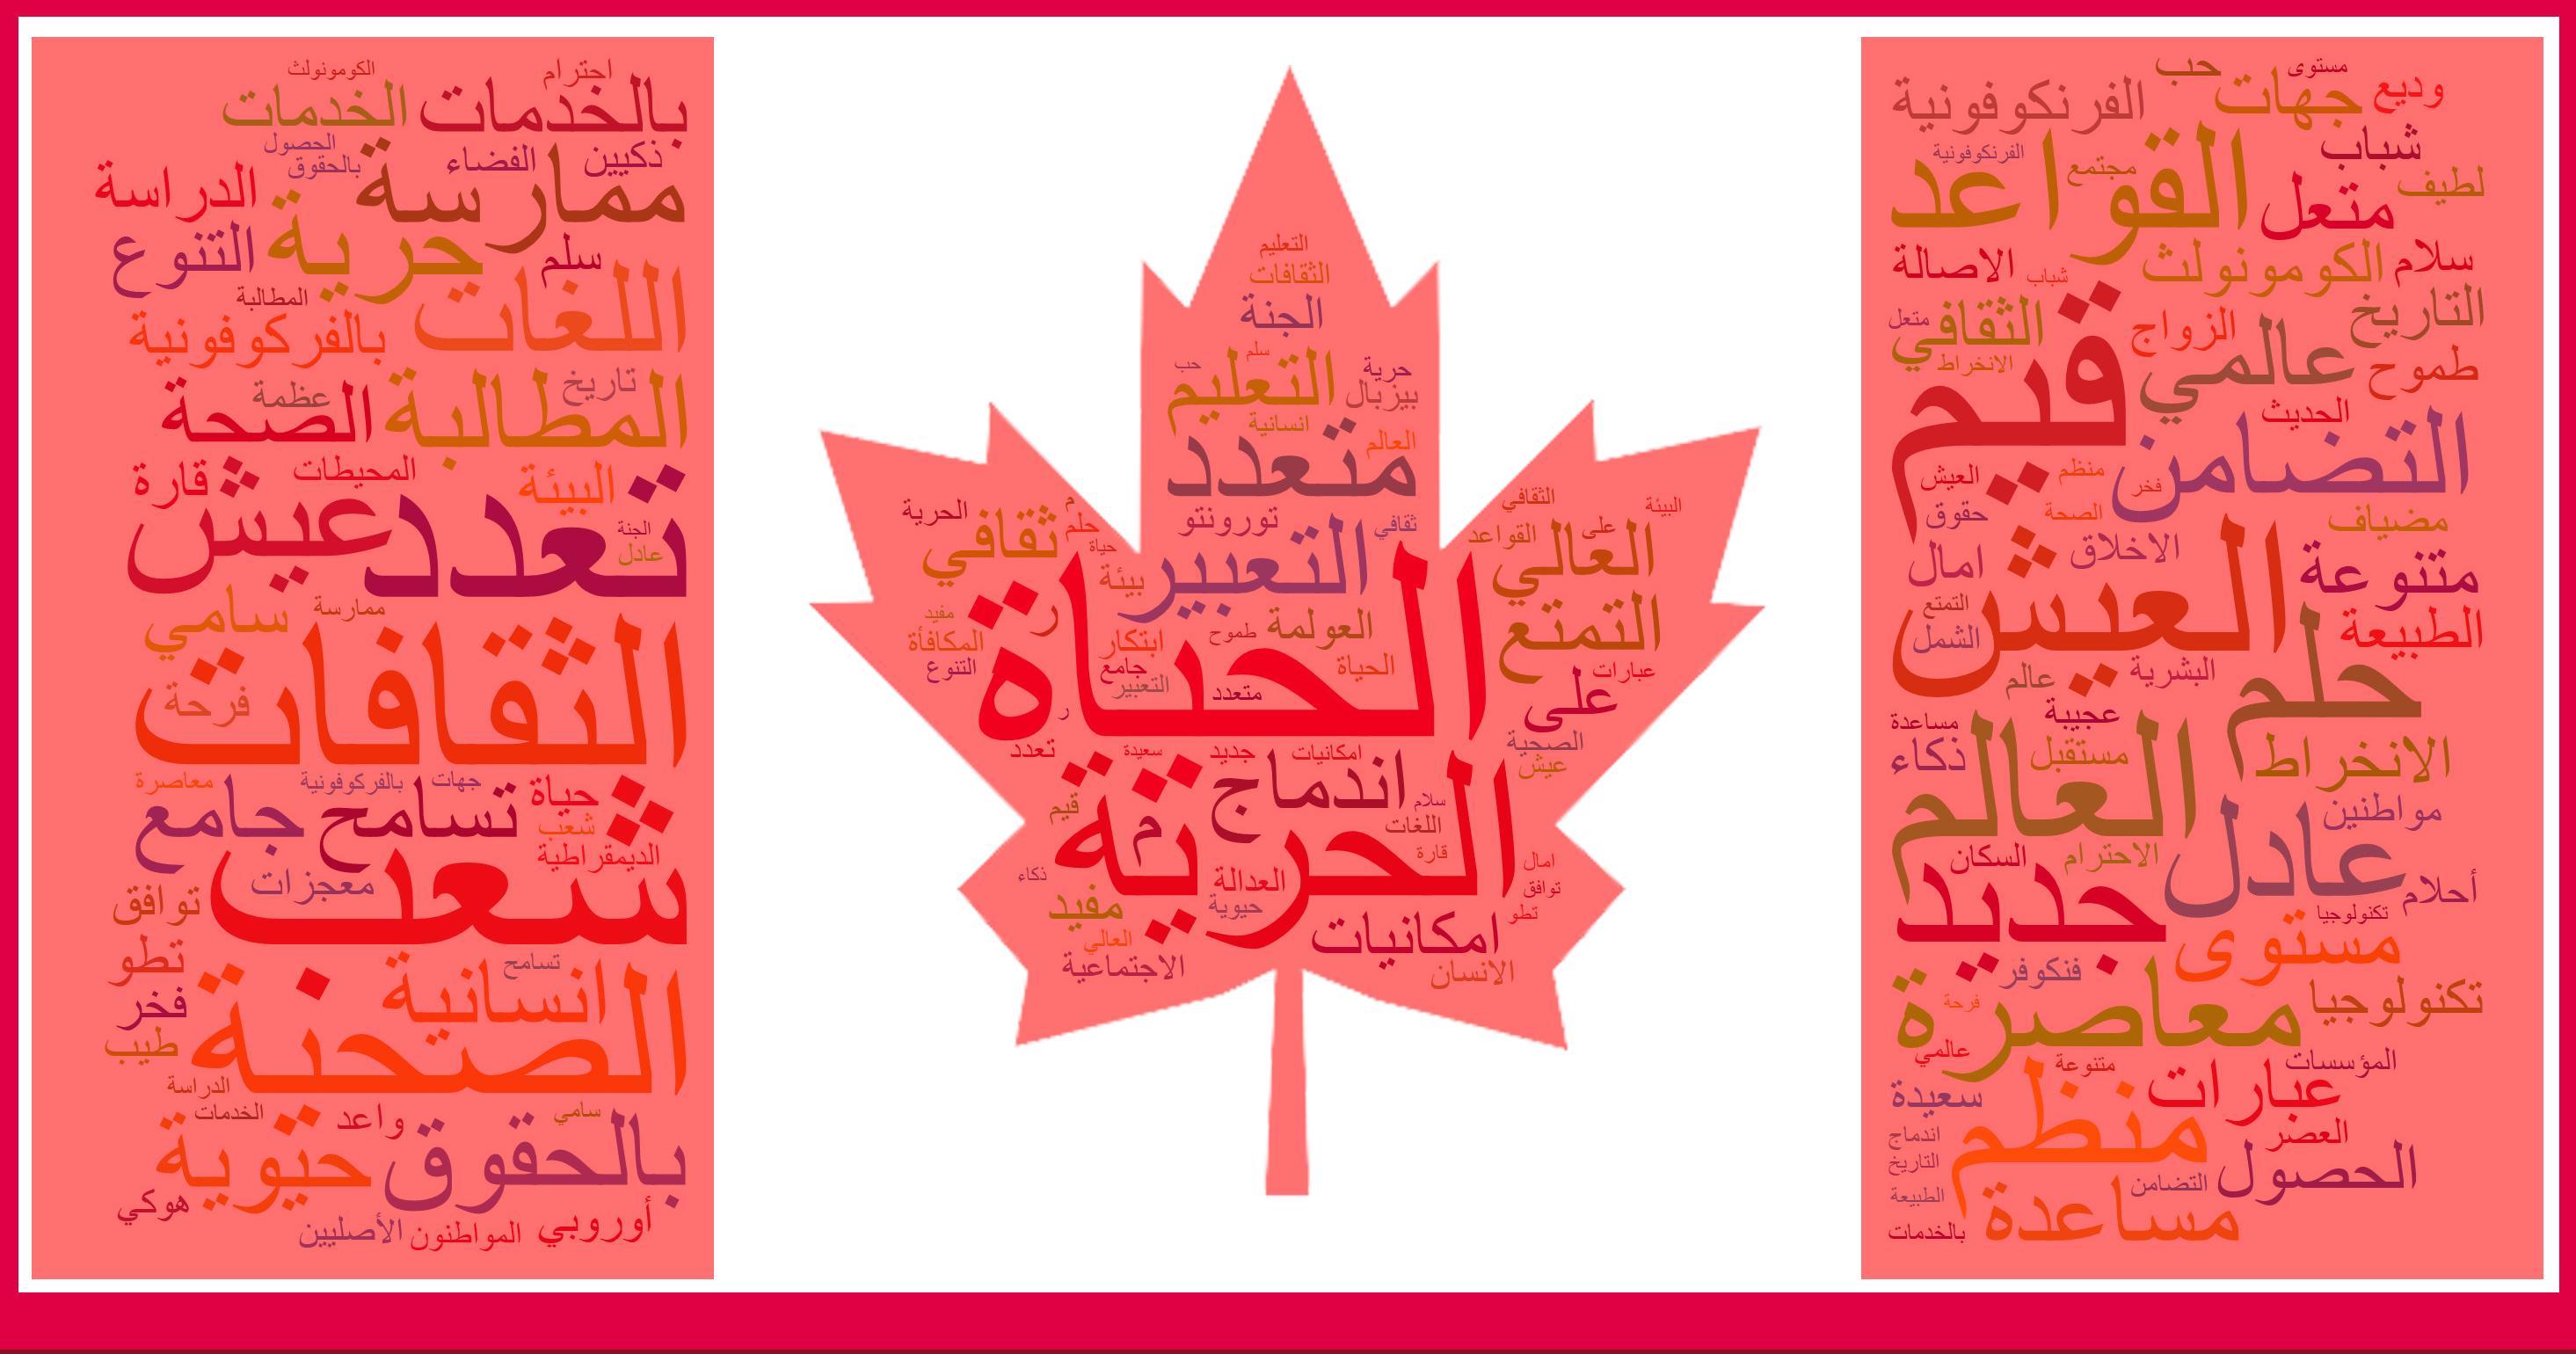 كندا بكلماتكم